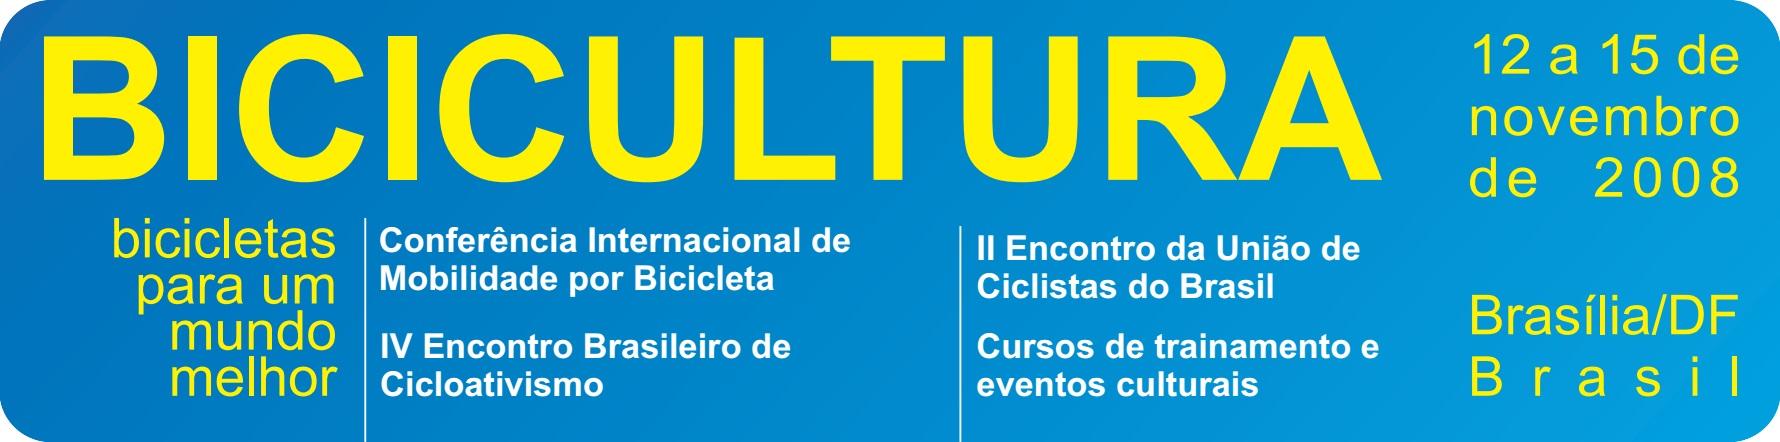 Logo Bicicultura 2008